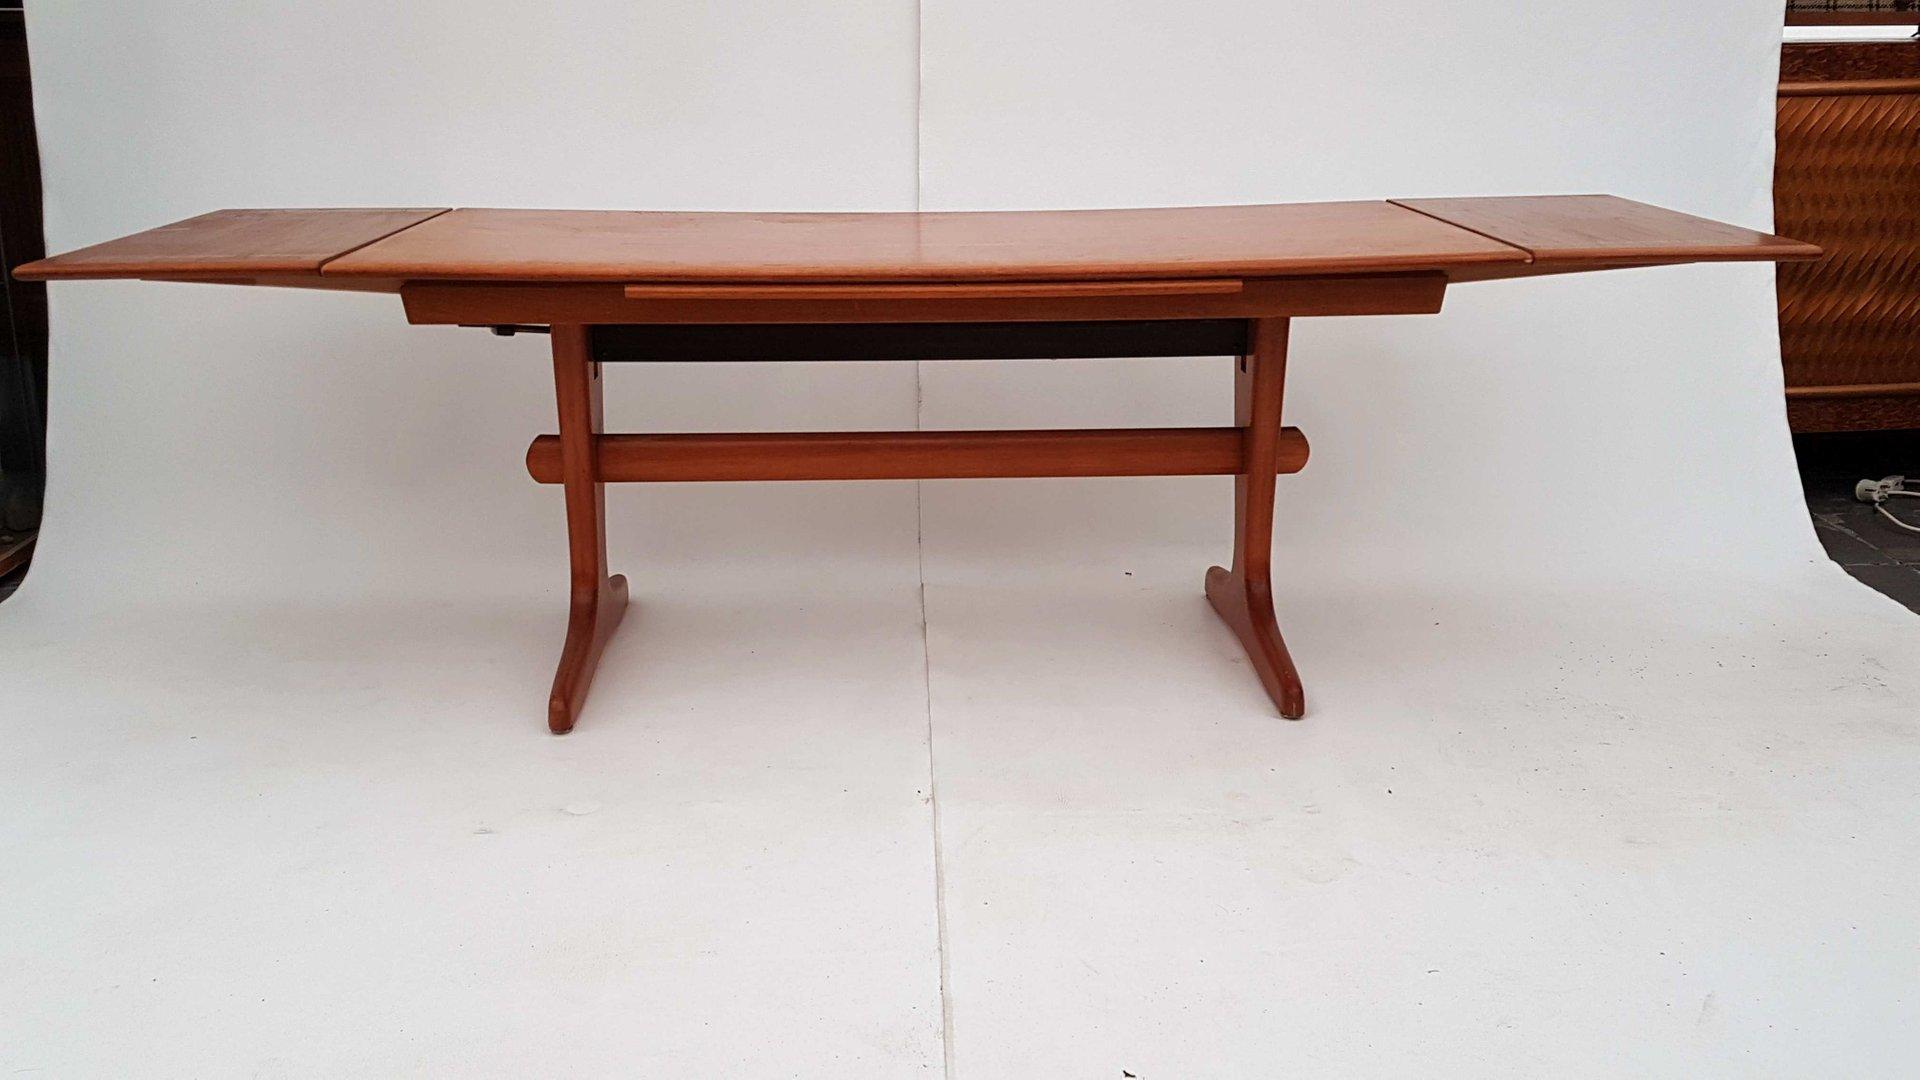 Danish Extendable amp Adjustable Teak Coffee or Dining Table  : danish extendable adjustable teak coffee or dining table 1960s 2 from www.pamono.com size 1920 x 1080 jpeg 97kB